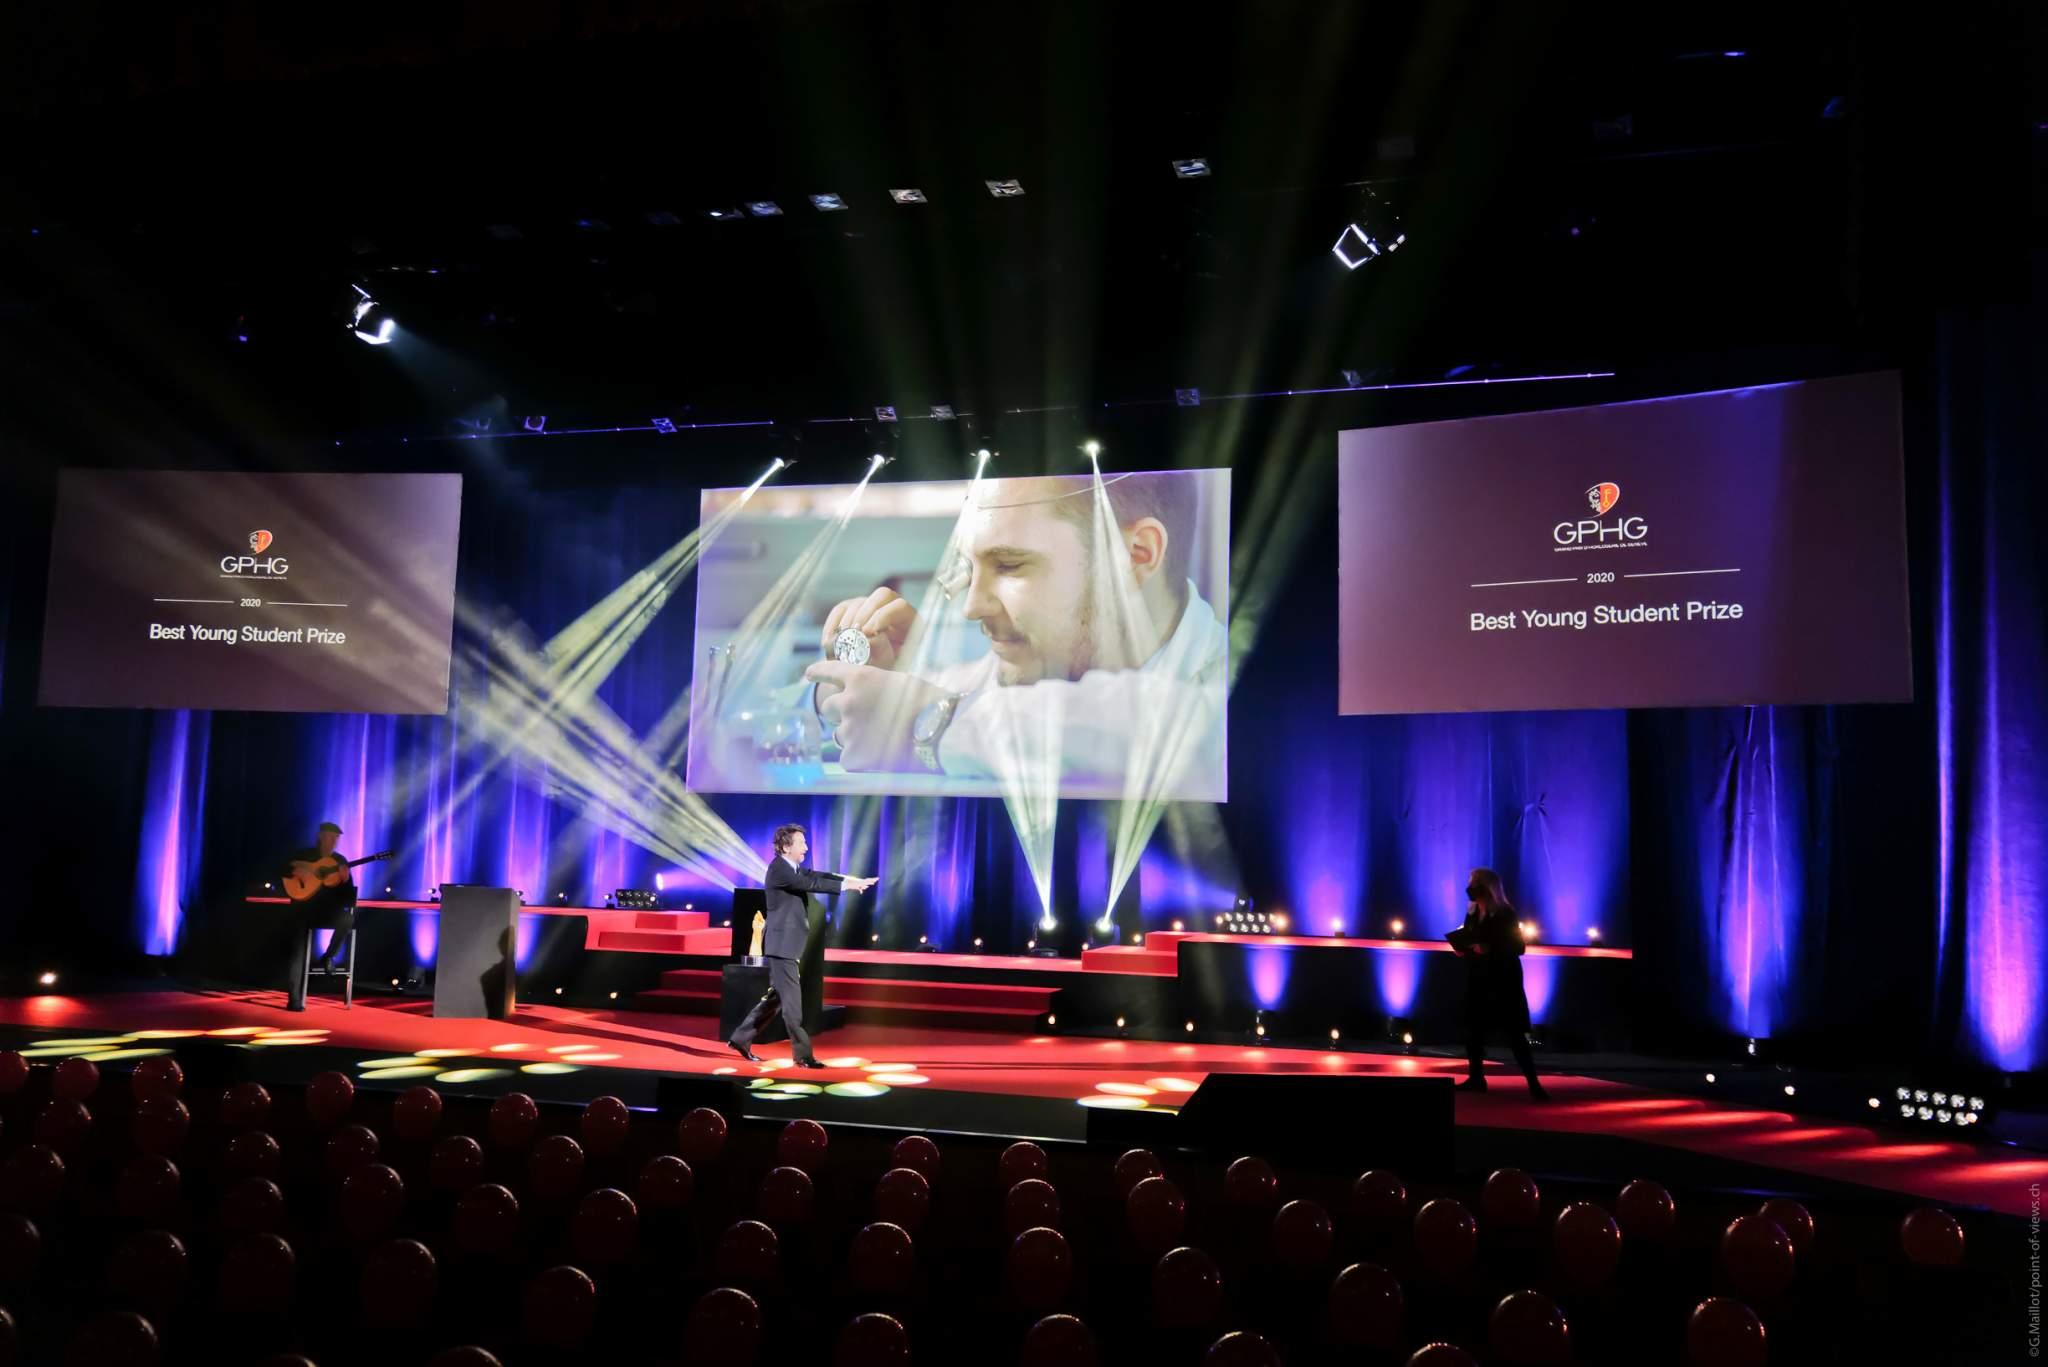 Romain Labat, Lauréat du Prix du Meilleur Jeune Elève 2020